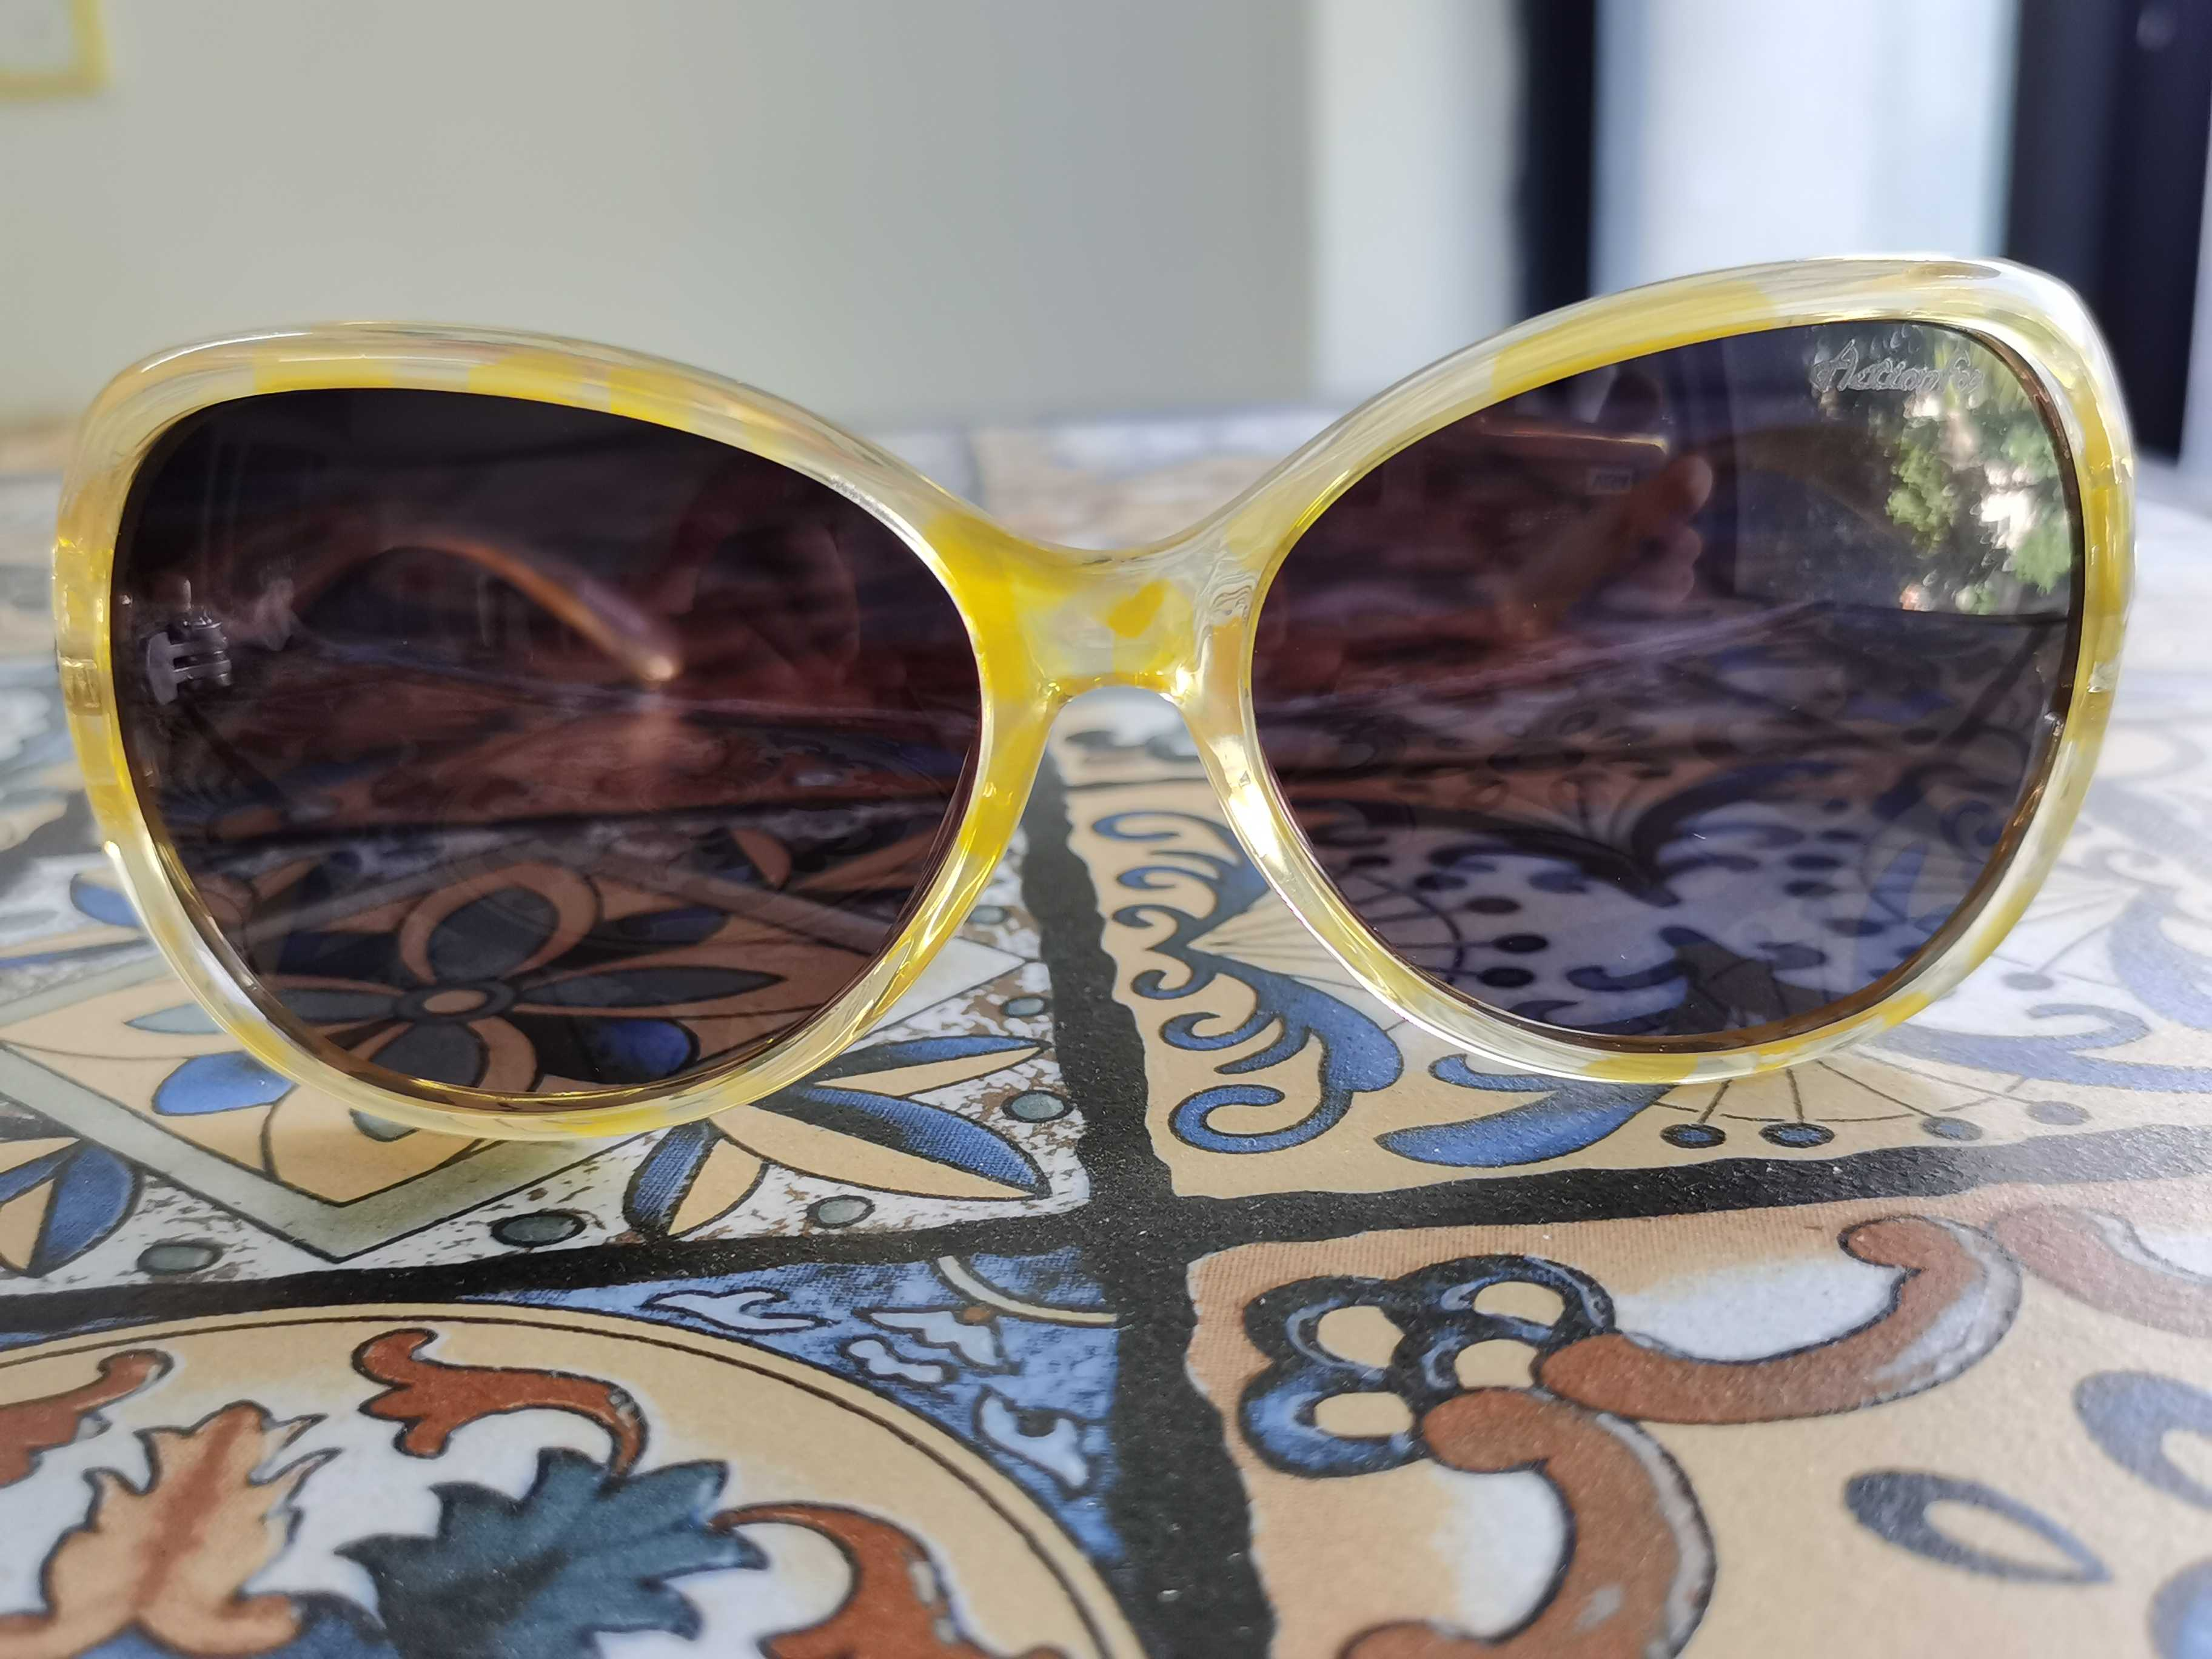 浅黄半透明蝶形边框深咖镜片复古风休闲太阳眼镜墨镜蛤蟆镜